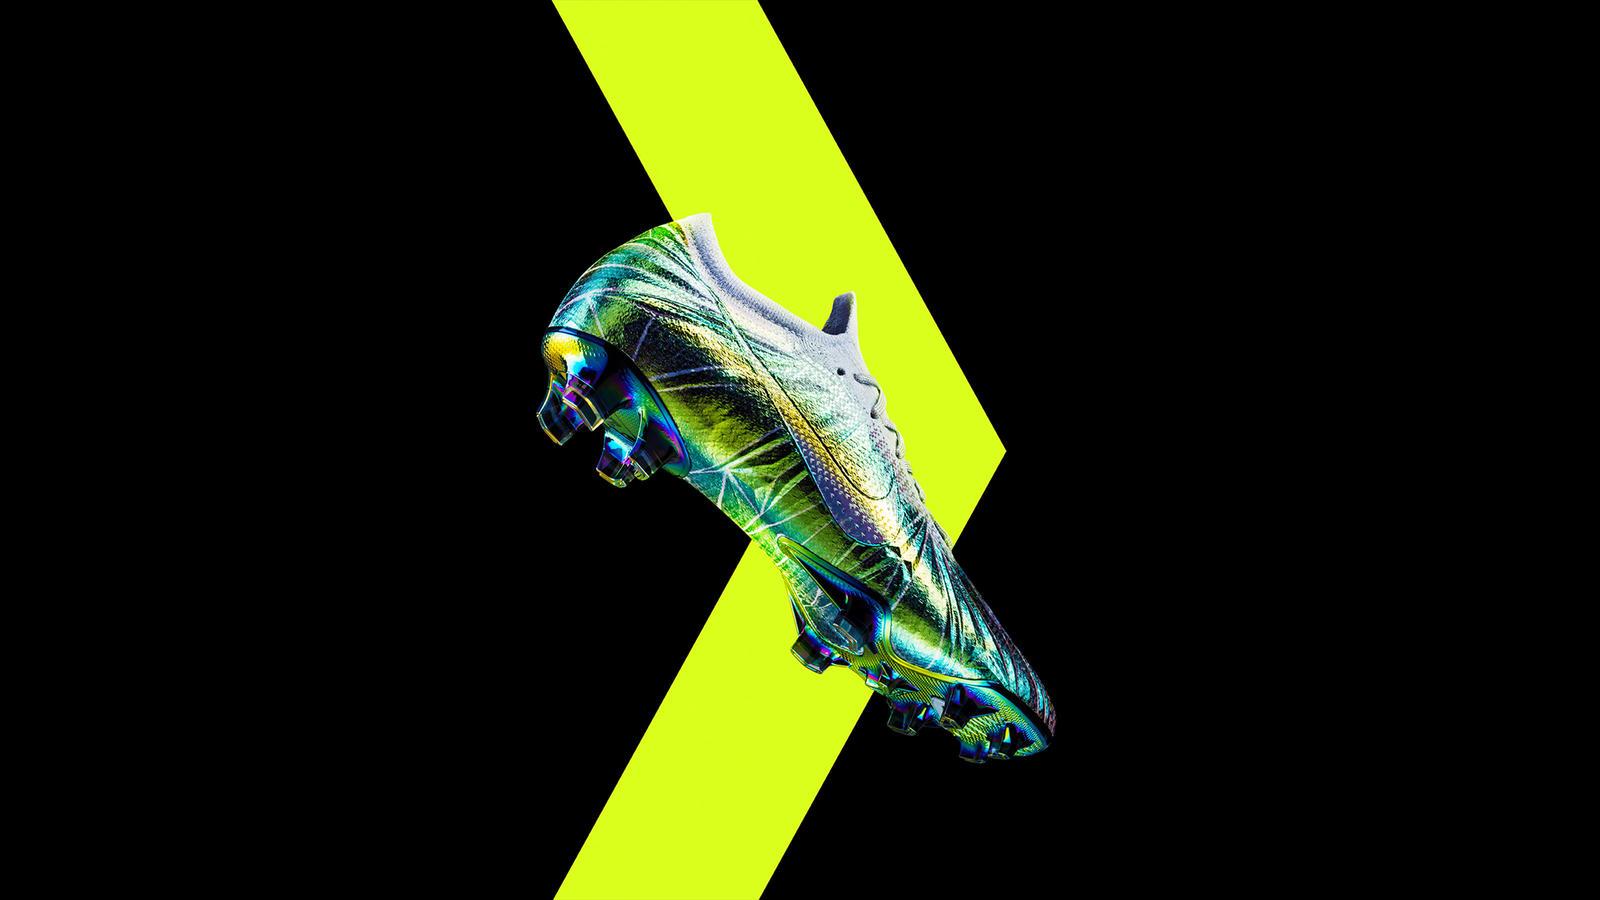 NikeMercurialVapor_Modric_1_hd_1600